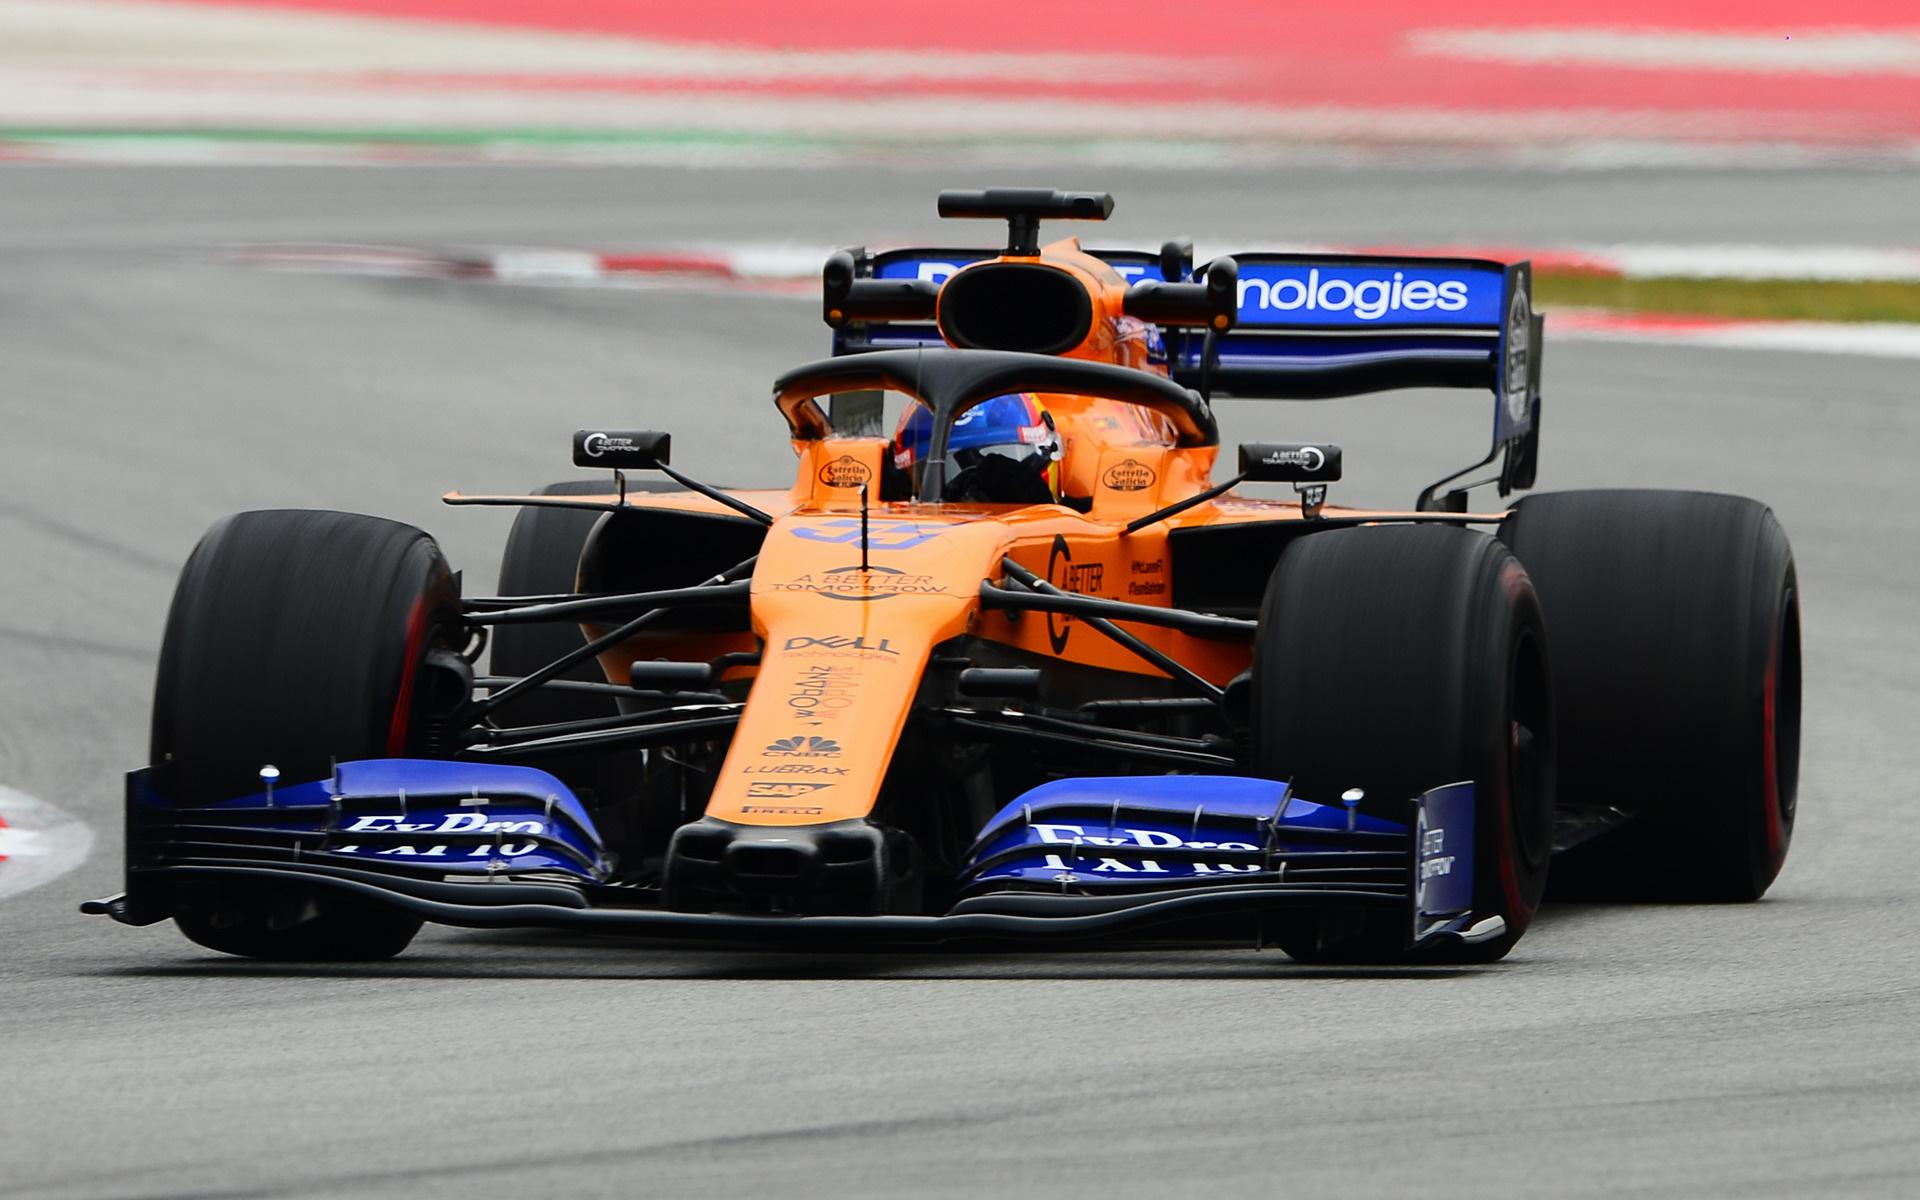 Chiếc xe MCL34 được thử nghiệm rất kỹ càng trước khi bước vào cuộc đua F1